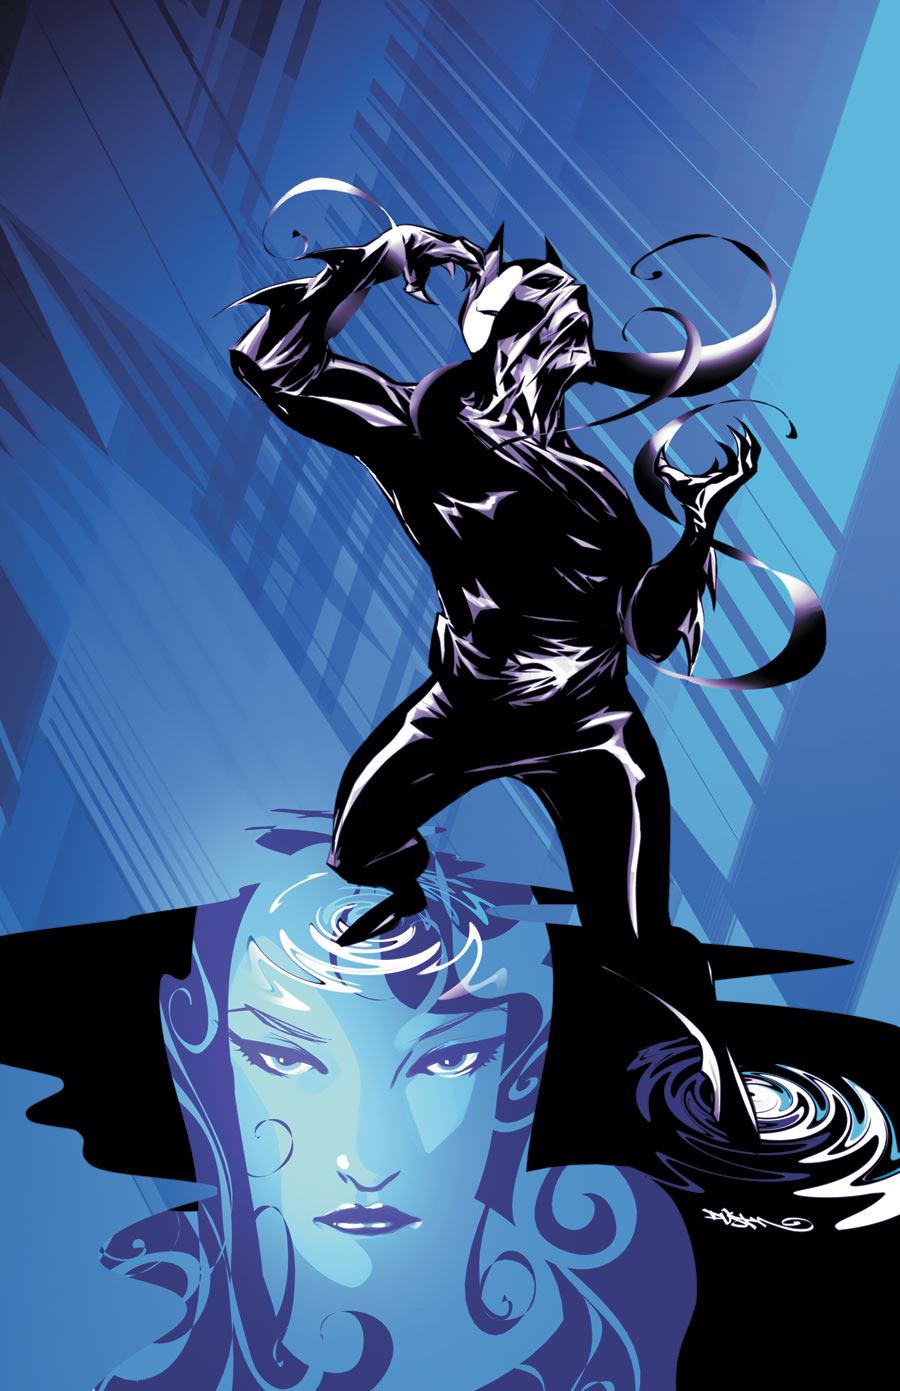 Batman Beyond #8 cover by Dustin Nguyen